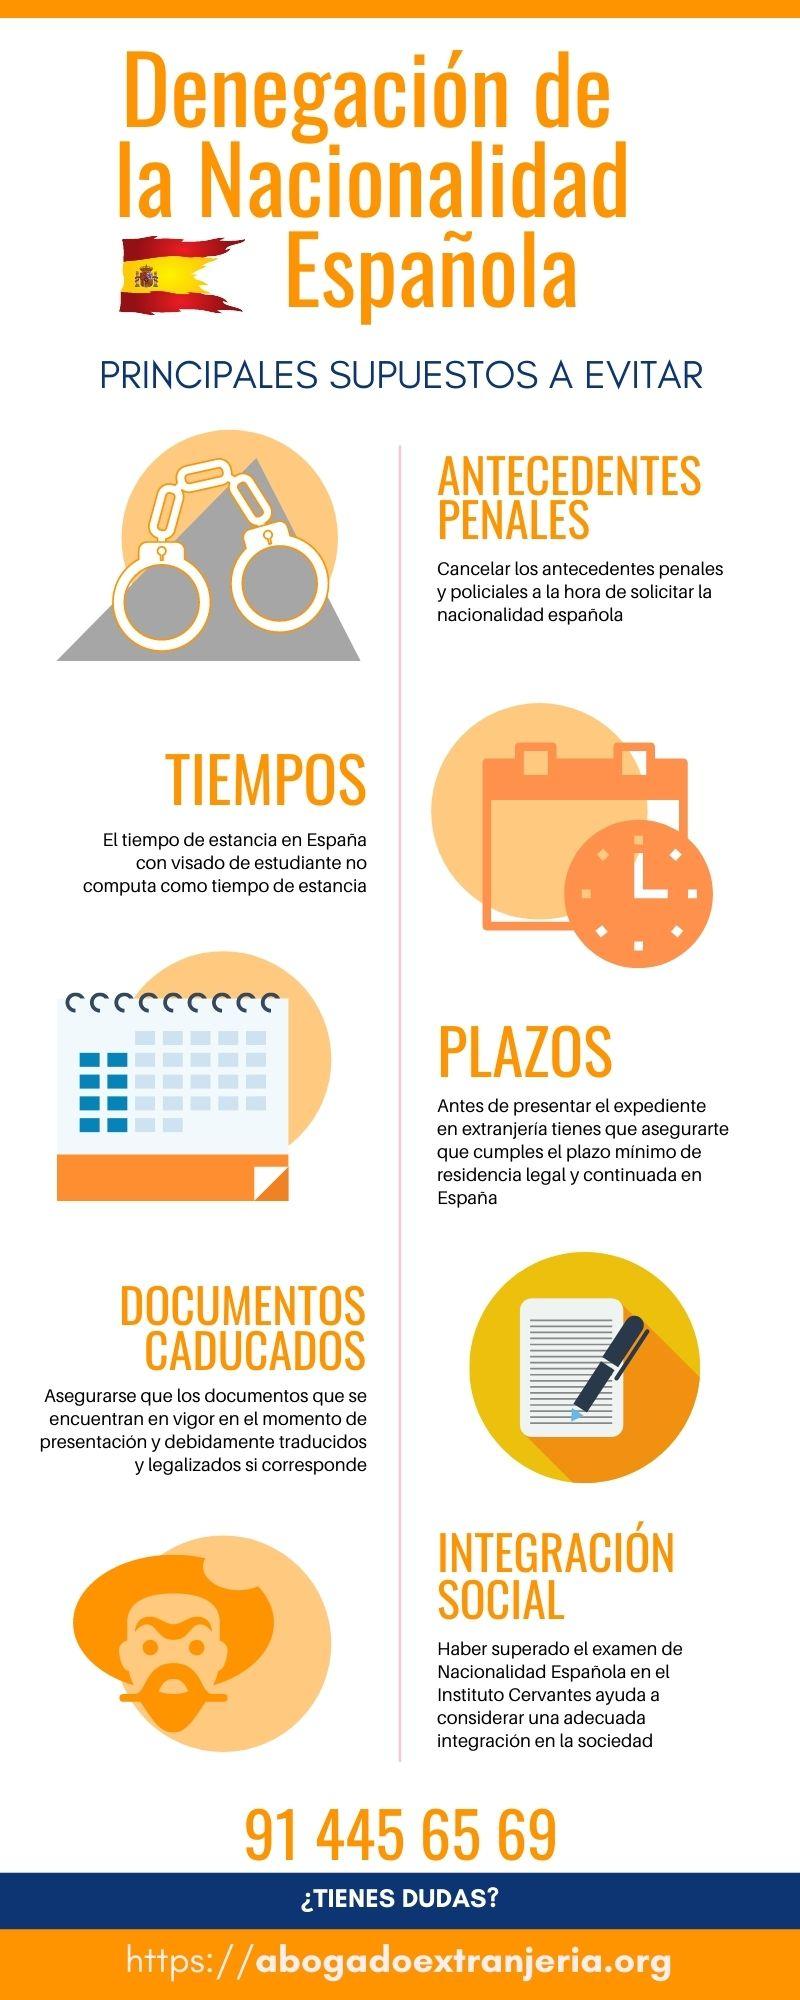 Infografía de Denegación de la Nacionalidad Española